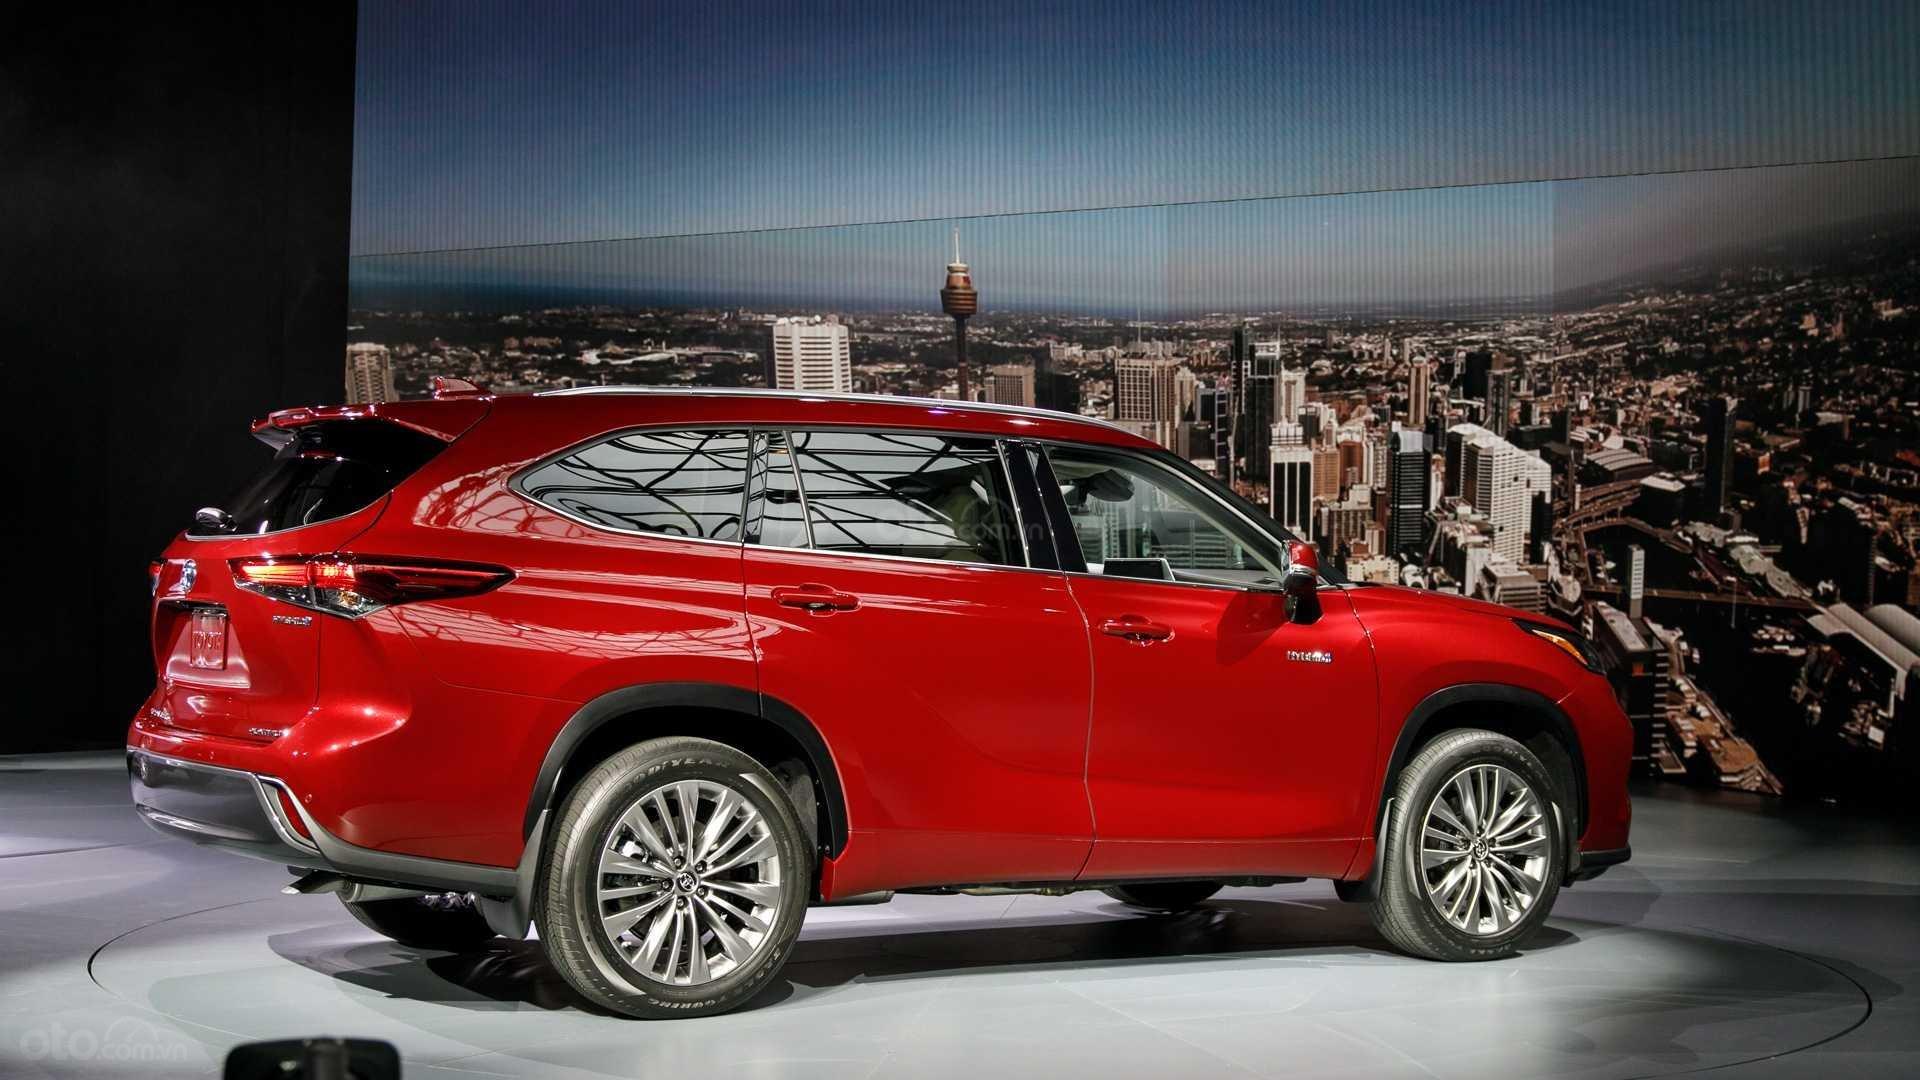 Đánh giá xe Toyota Highlander 2020 - thân xe